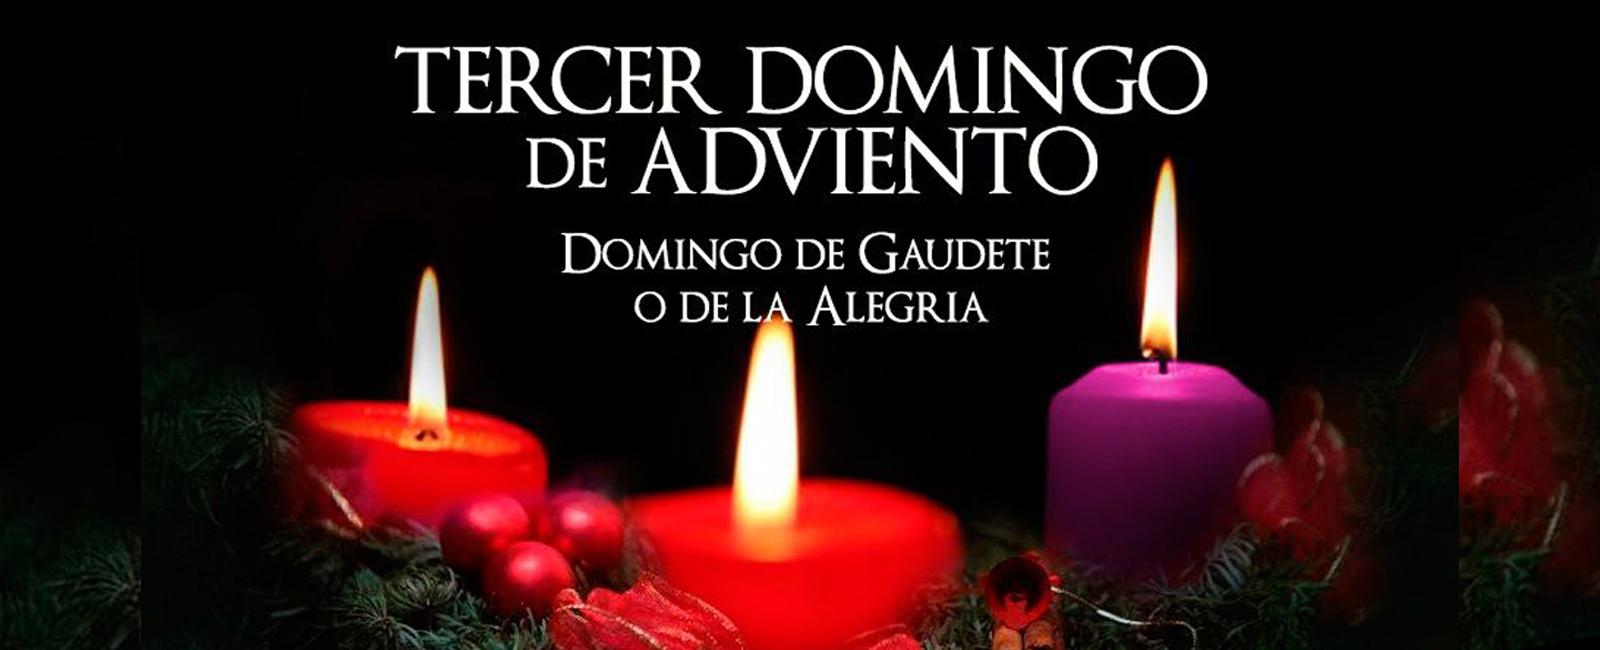 Parroquia El Altet - Evangelio Domingo 15 de Diciembre 2019